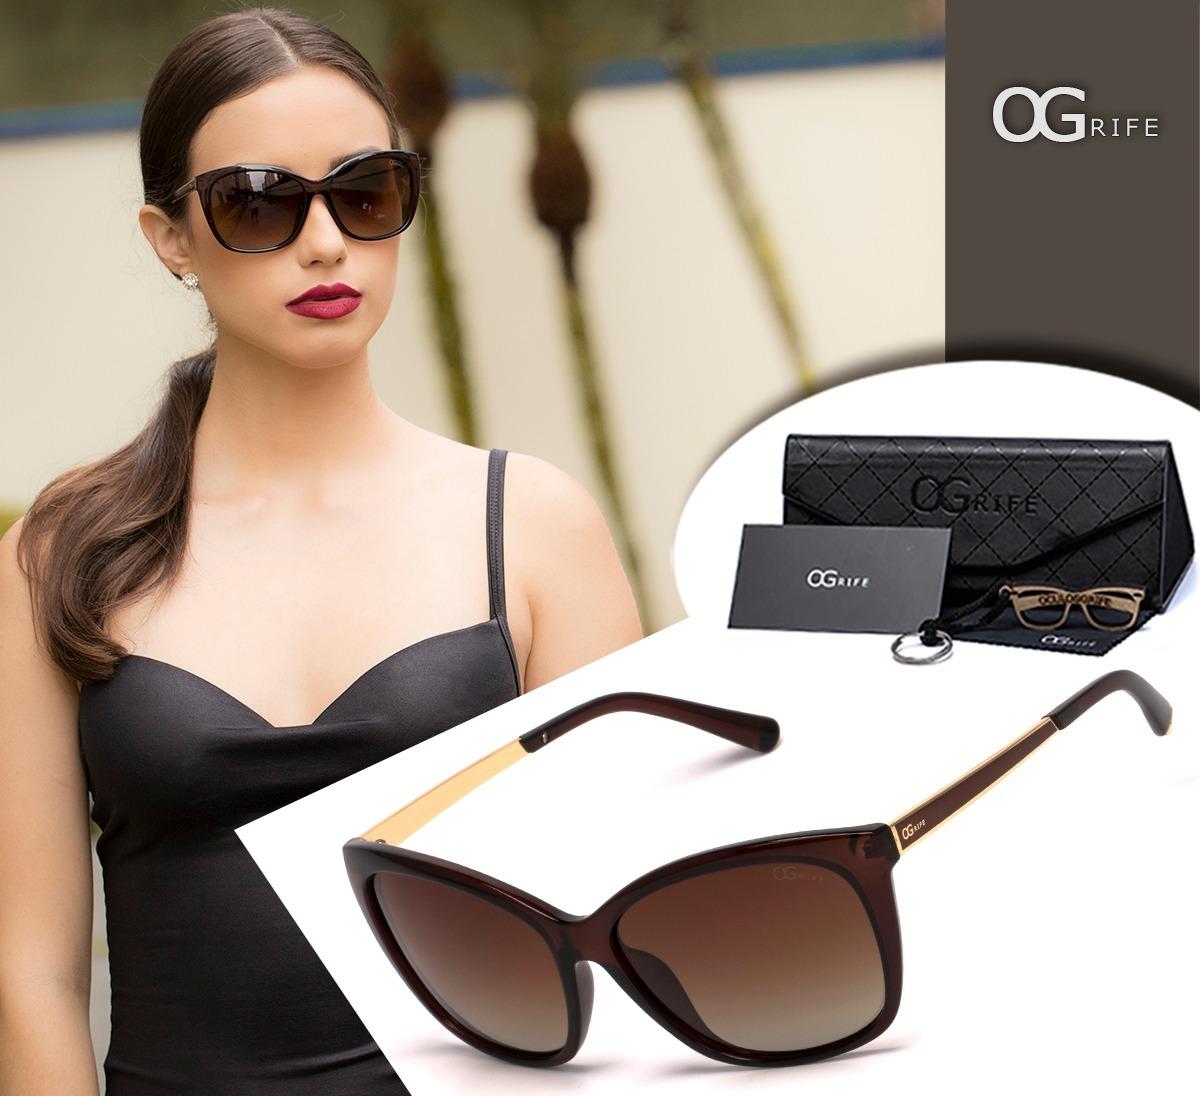 442d9e8d6 Oculos Ogrife Solar Og 1411-c Feminino Polarizado Original - R$ 90 ...